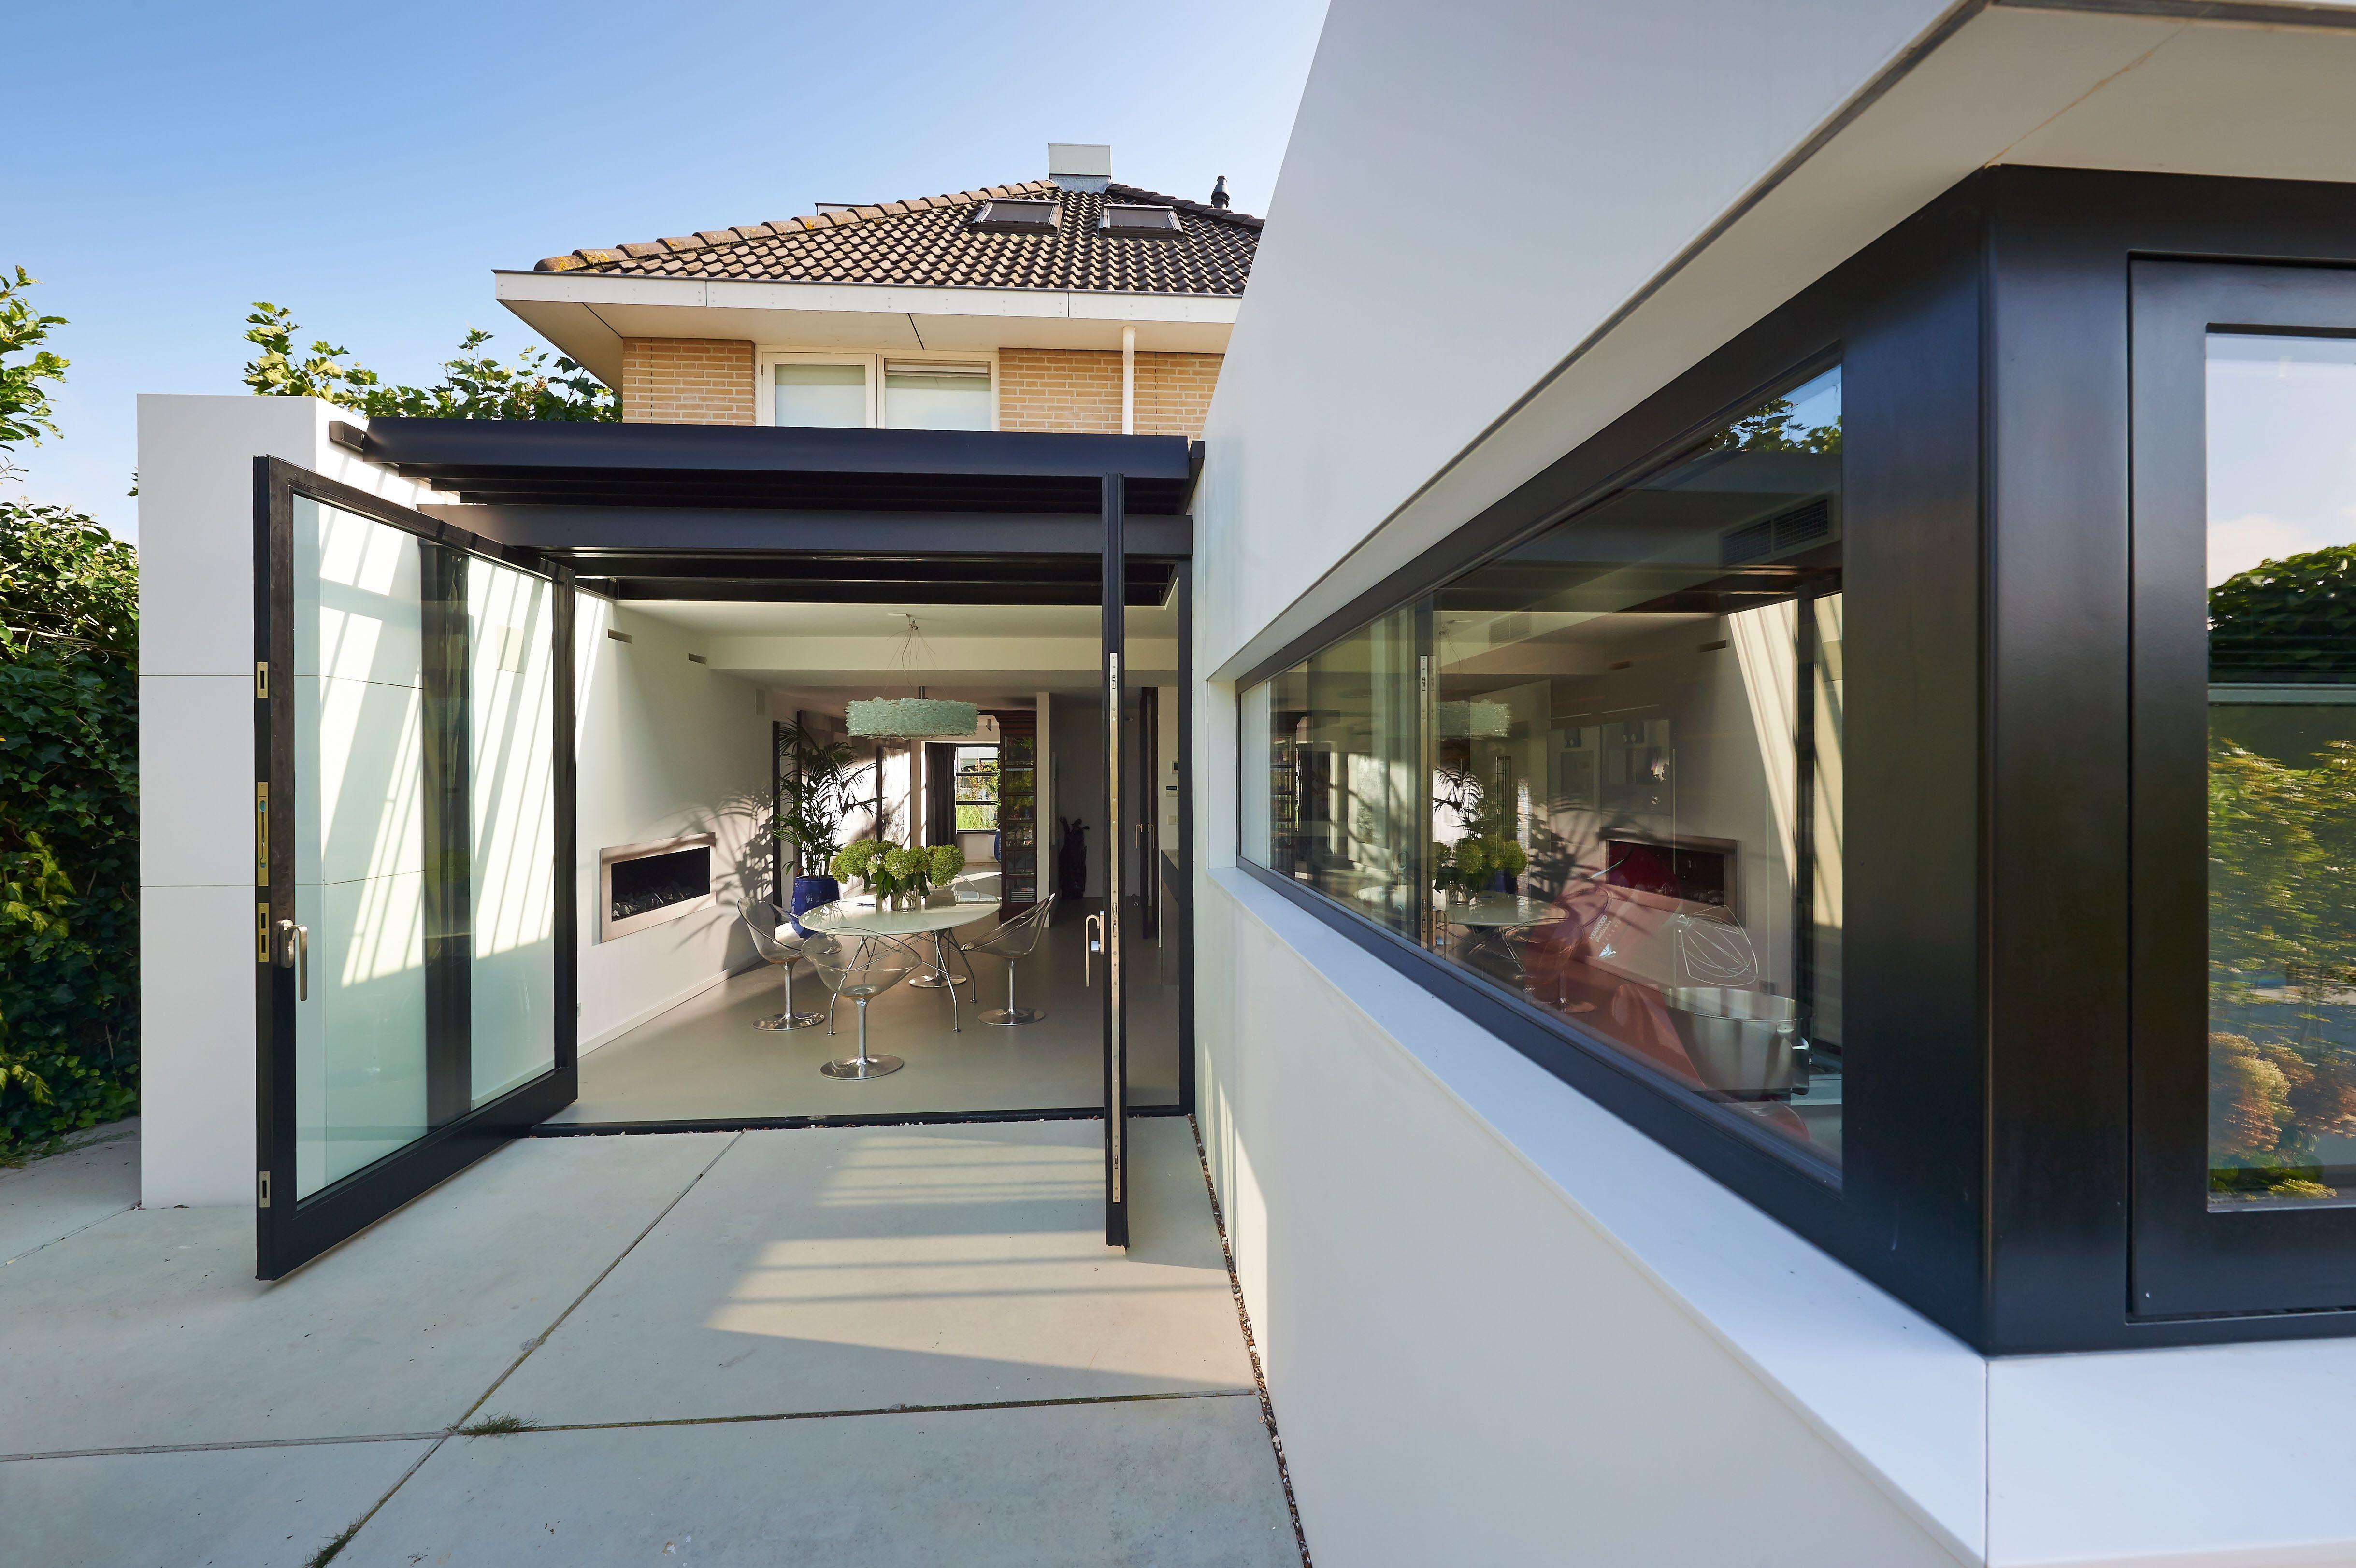 fritsjurgens pivot t ren fritsjurgens pivot t ren pinterest t ren. Black Bedroom Furniture Sets. Home Design Ideas